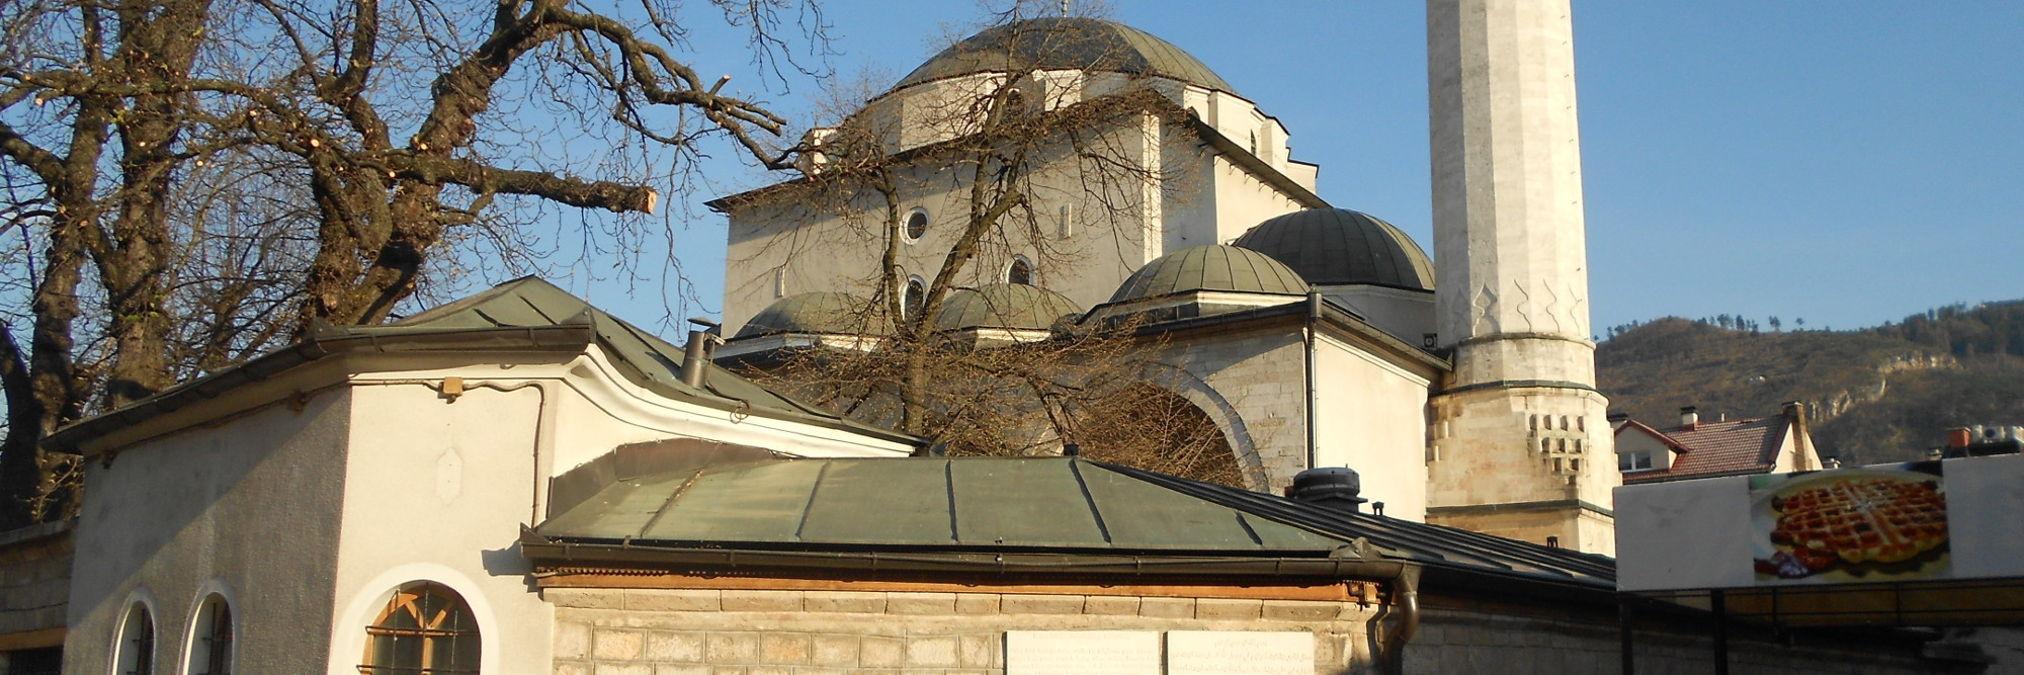 7 легенд о мечетях Боснии и Герцеговины